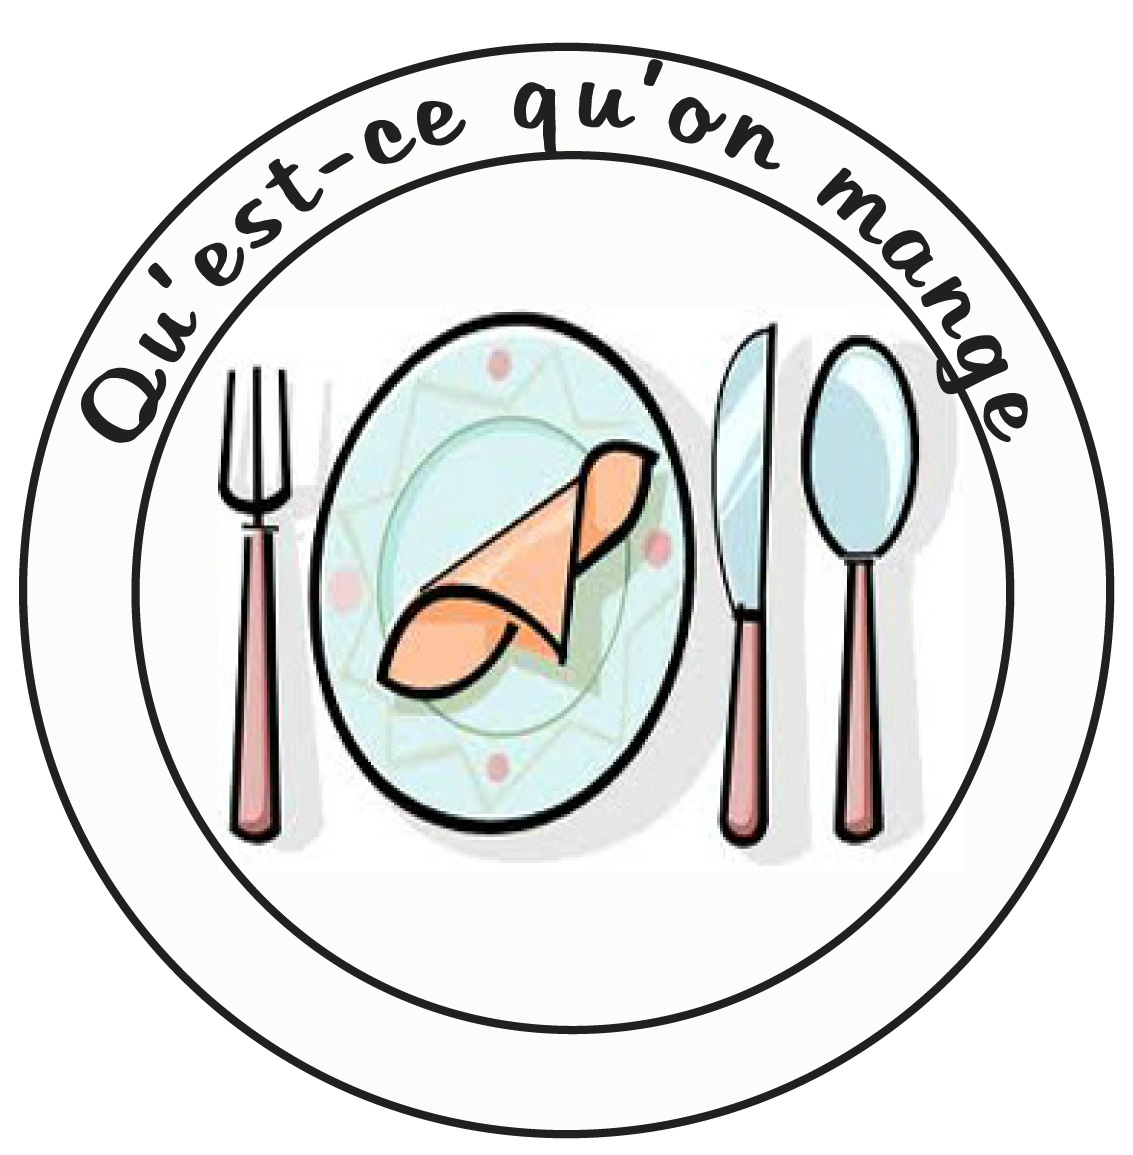 decouverte,loisirs,agenda,repas,moules,frites,a,montchamp